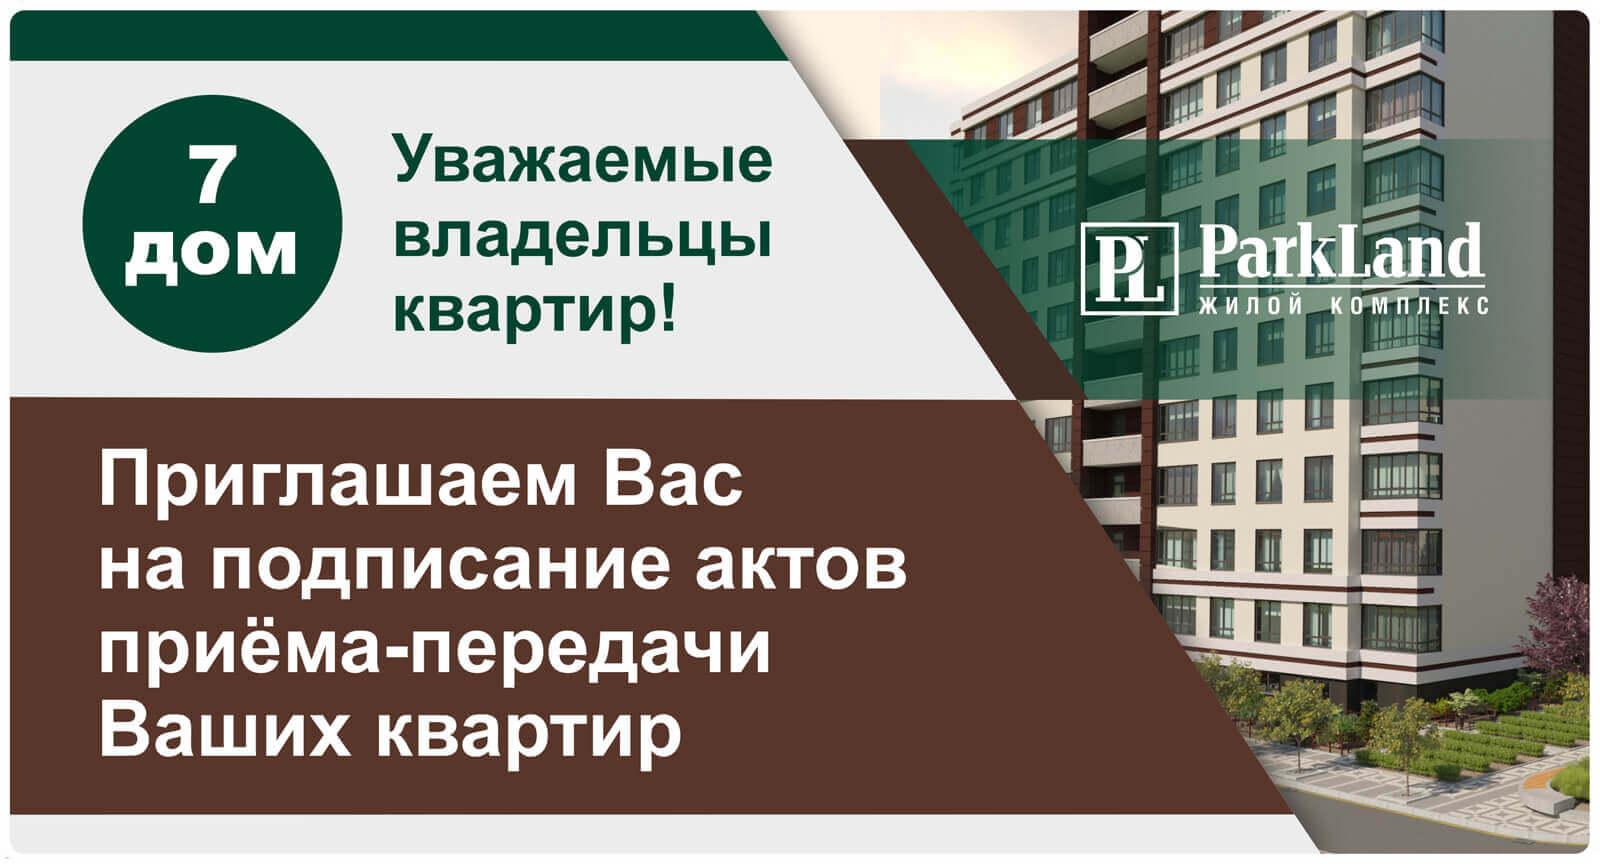 dom7-act-sdachi-kvartir-ru